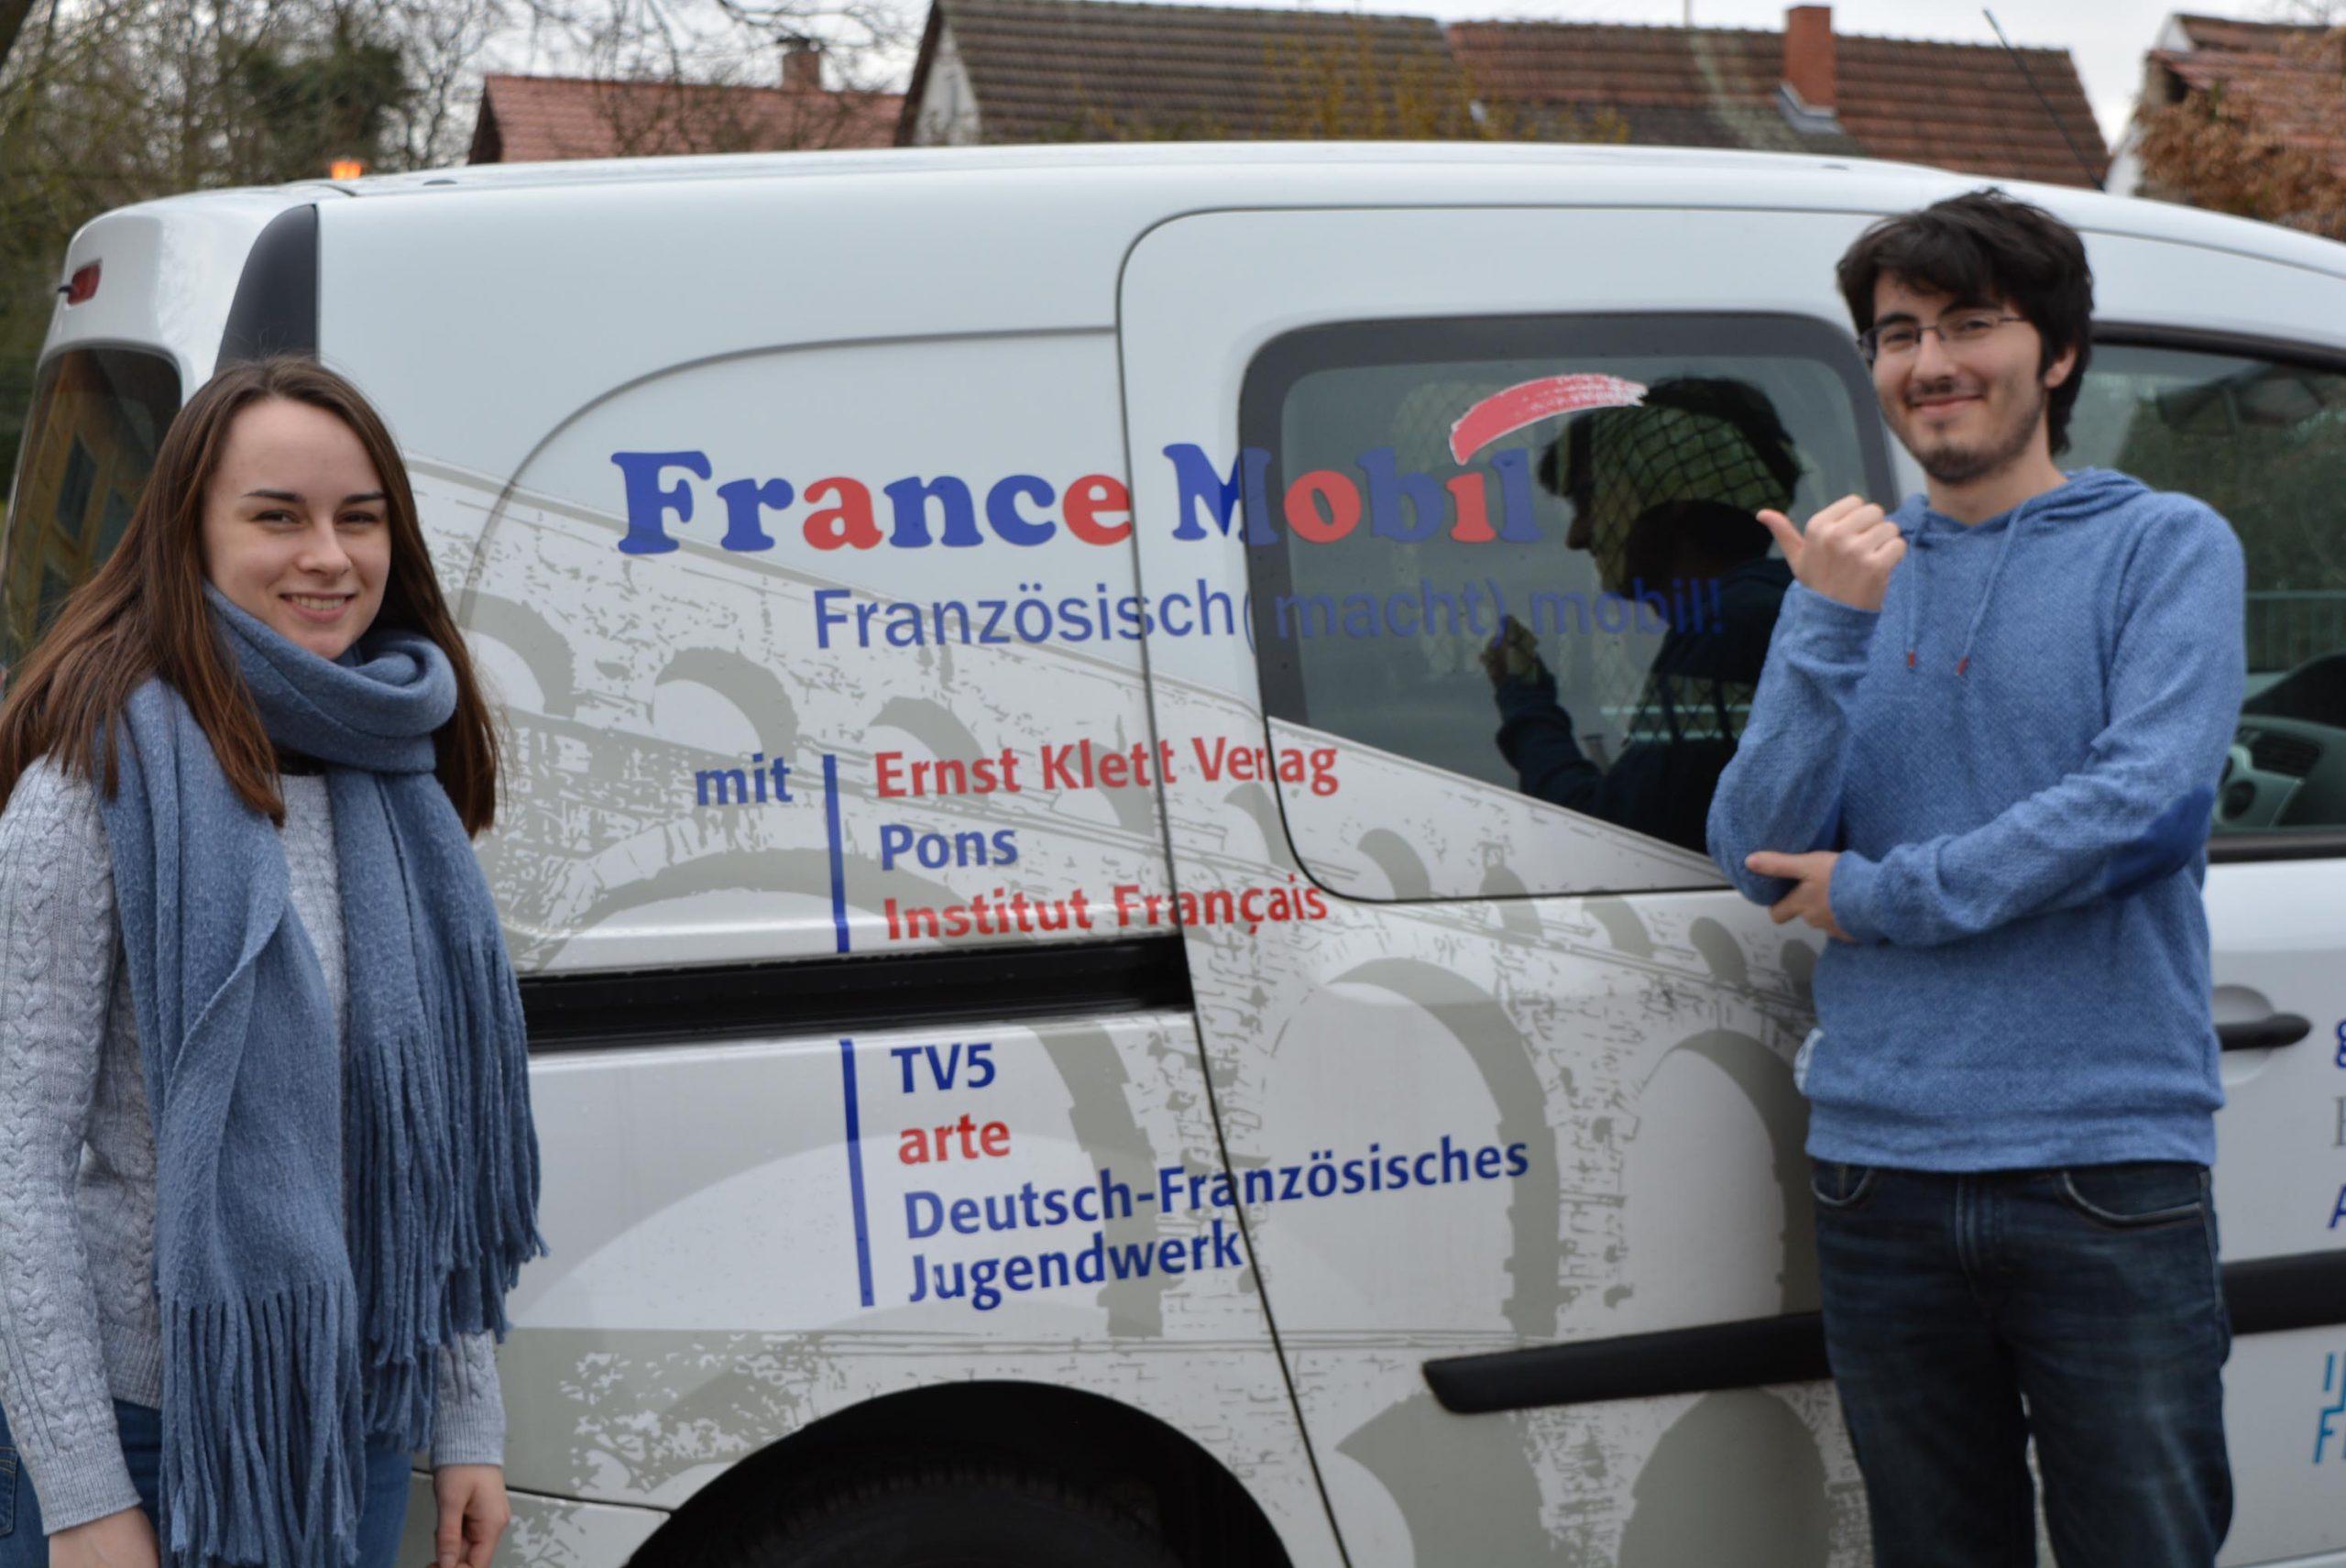 France MOBIL jungen Leute vor ihrem Fahrzeug in Edingen-Neckarhausen